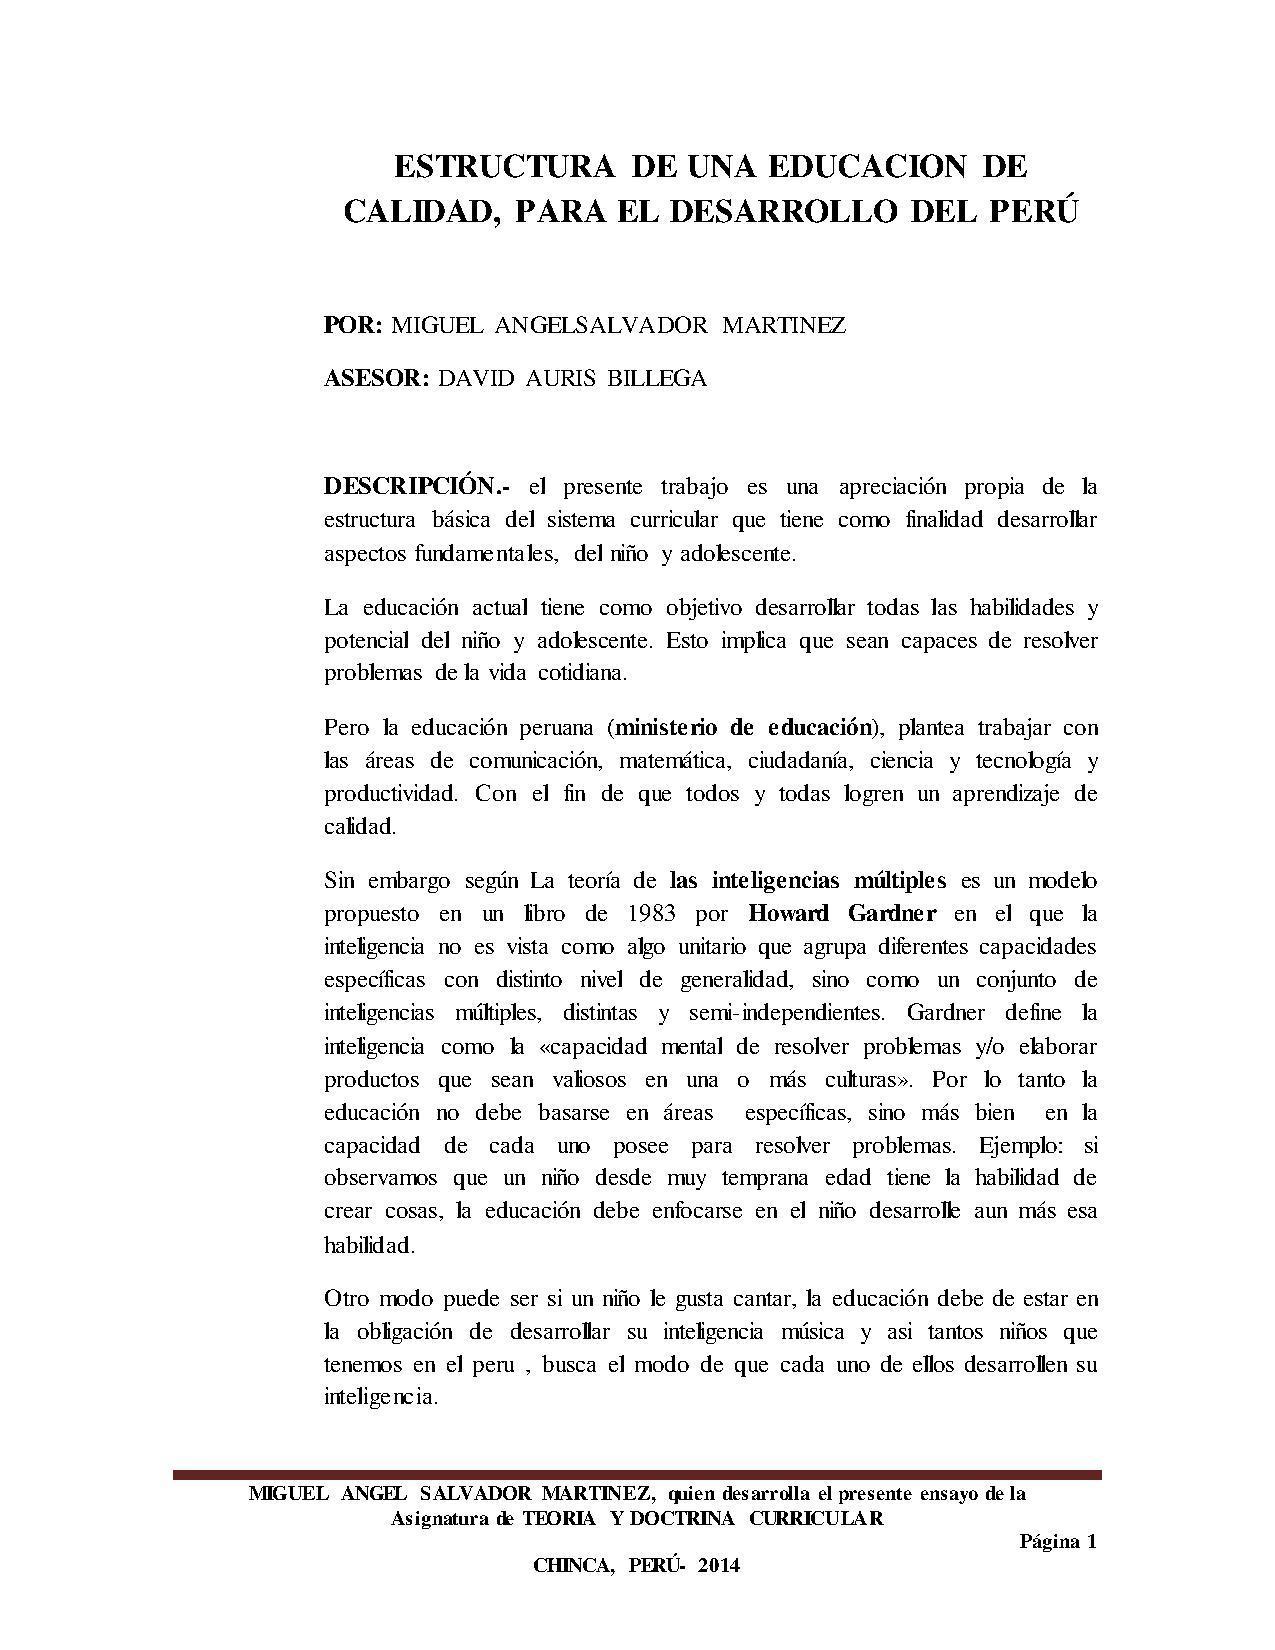 File Estructura De Una Educacion De Calidad Trabajo Pdf